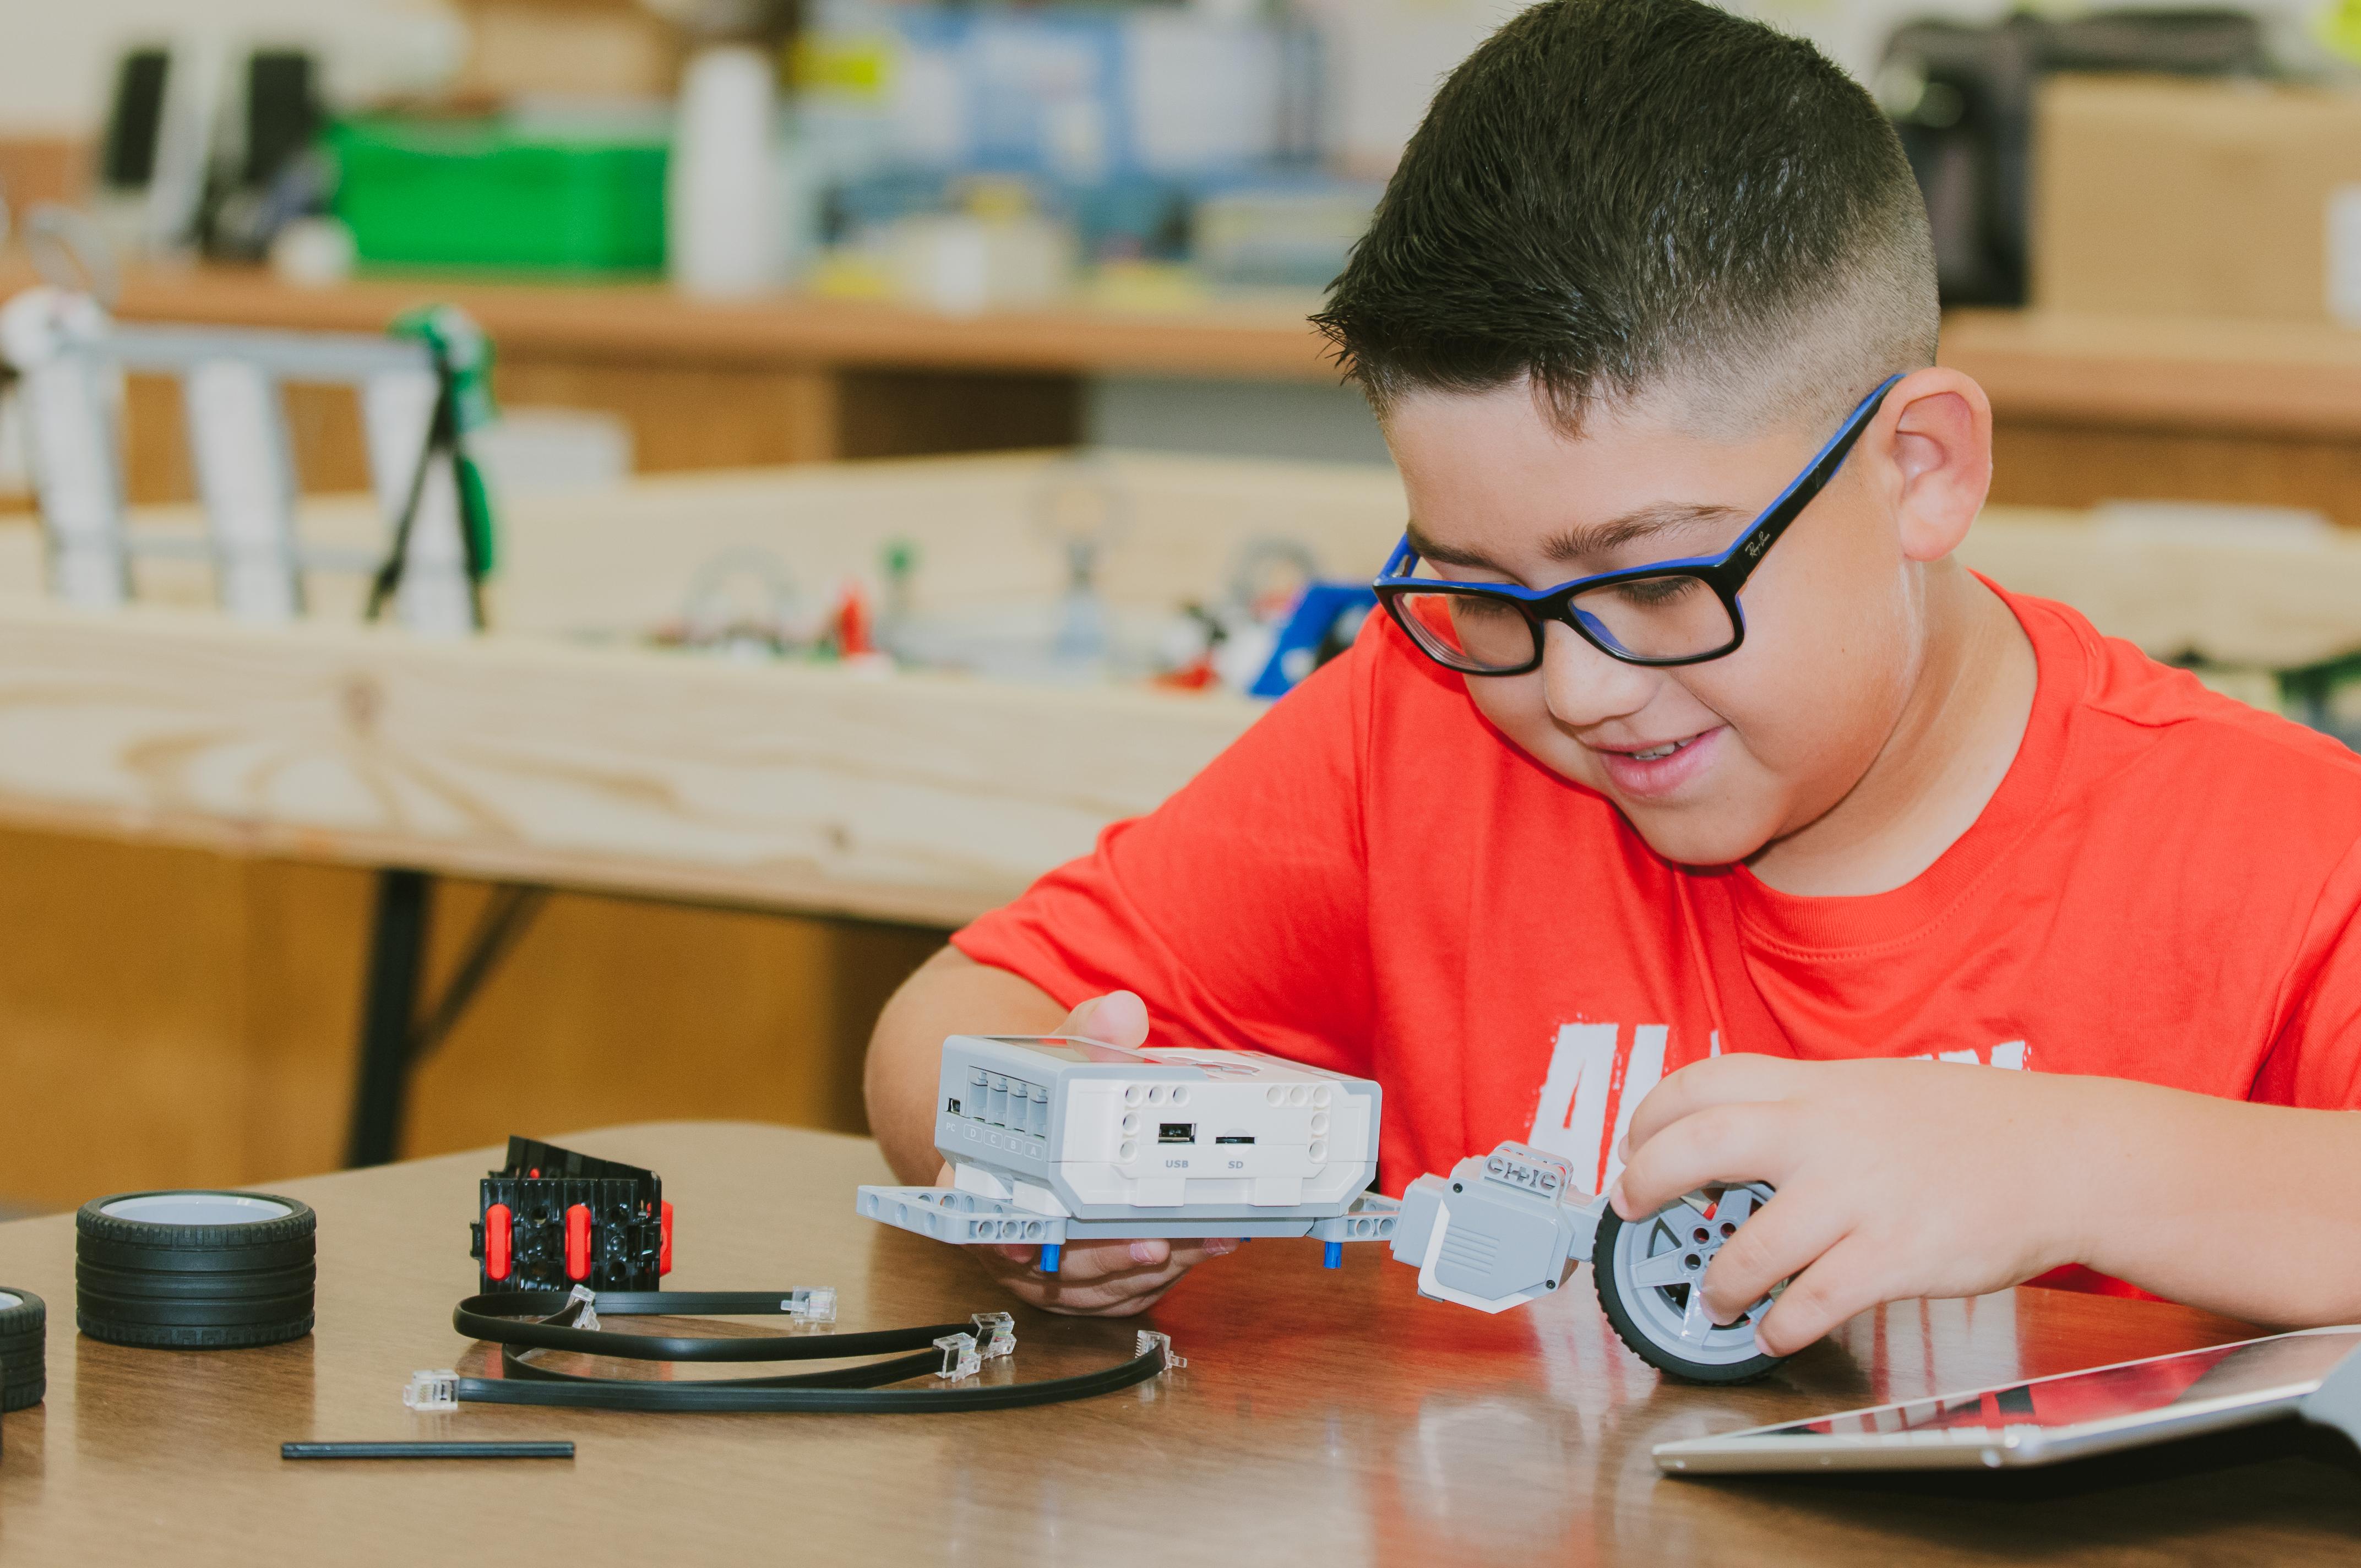 La Escuela Secundaria Gutierrez participará en los retos NASA STEM.